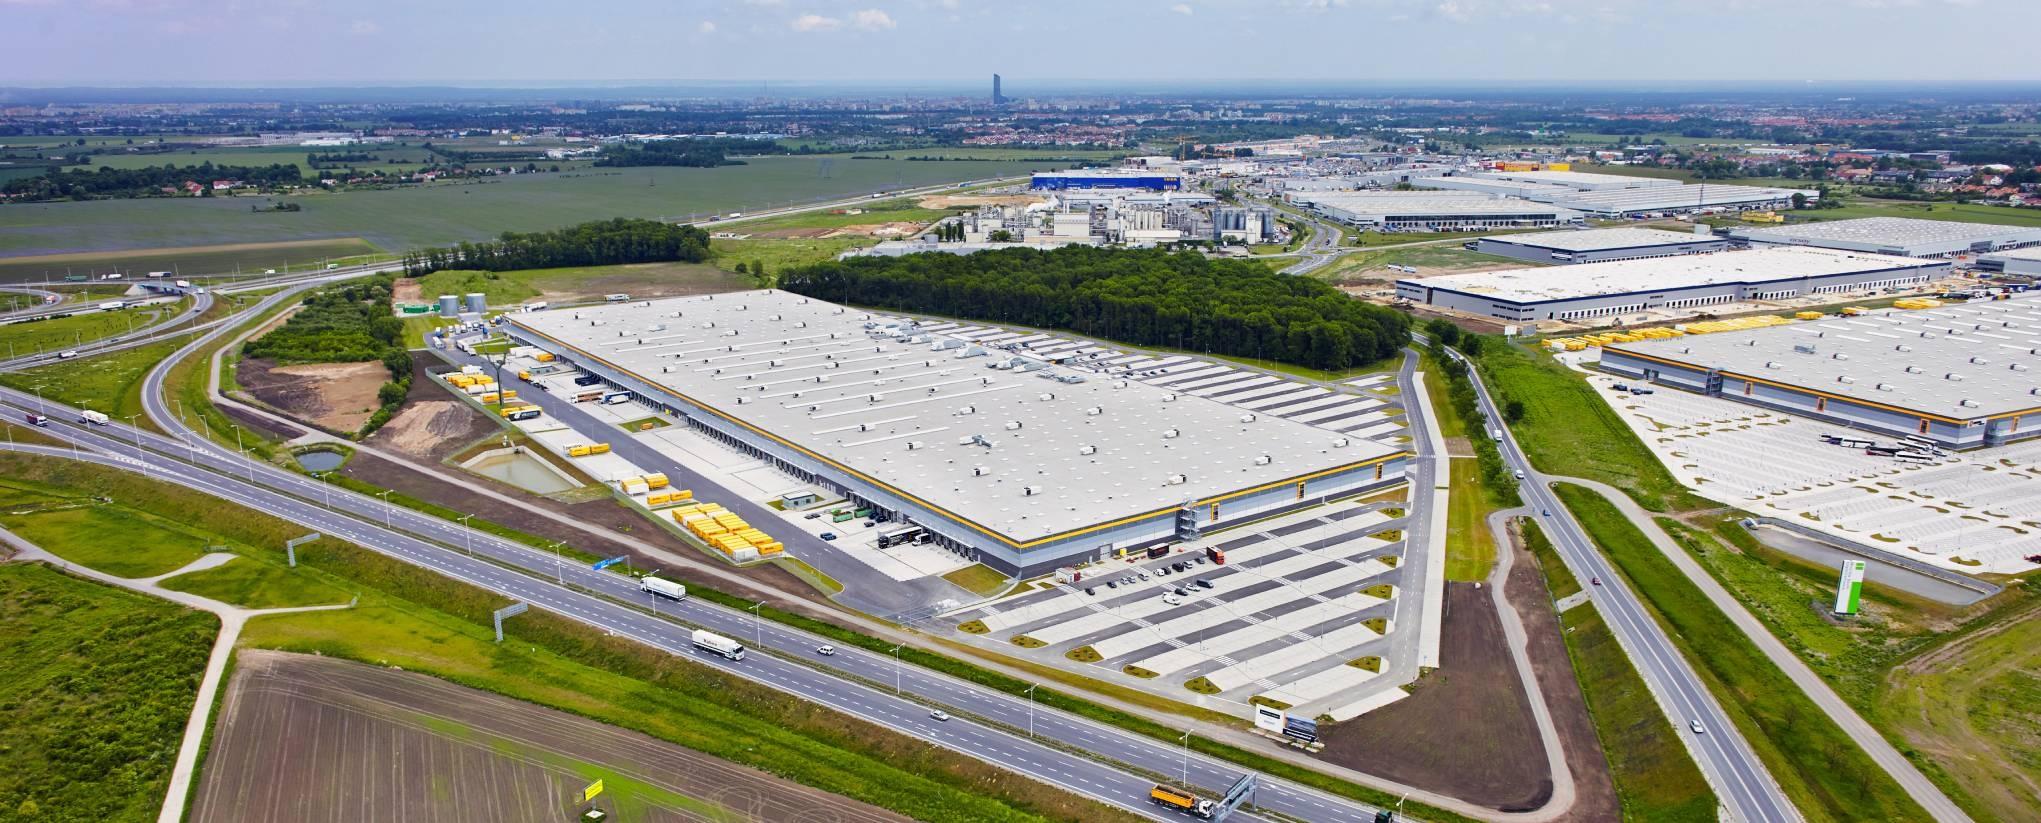 Wrocław,Industrial,Bielany Wrocławskie,Amazon 1,1041